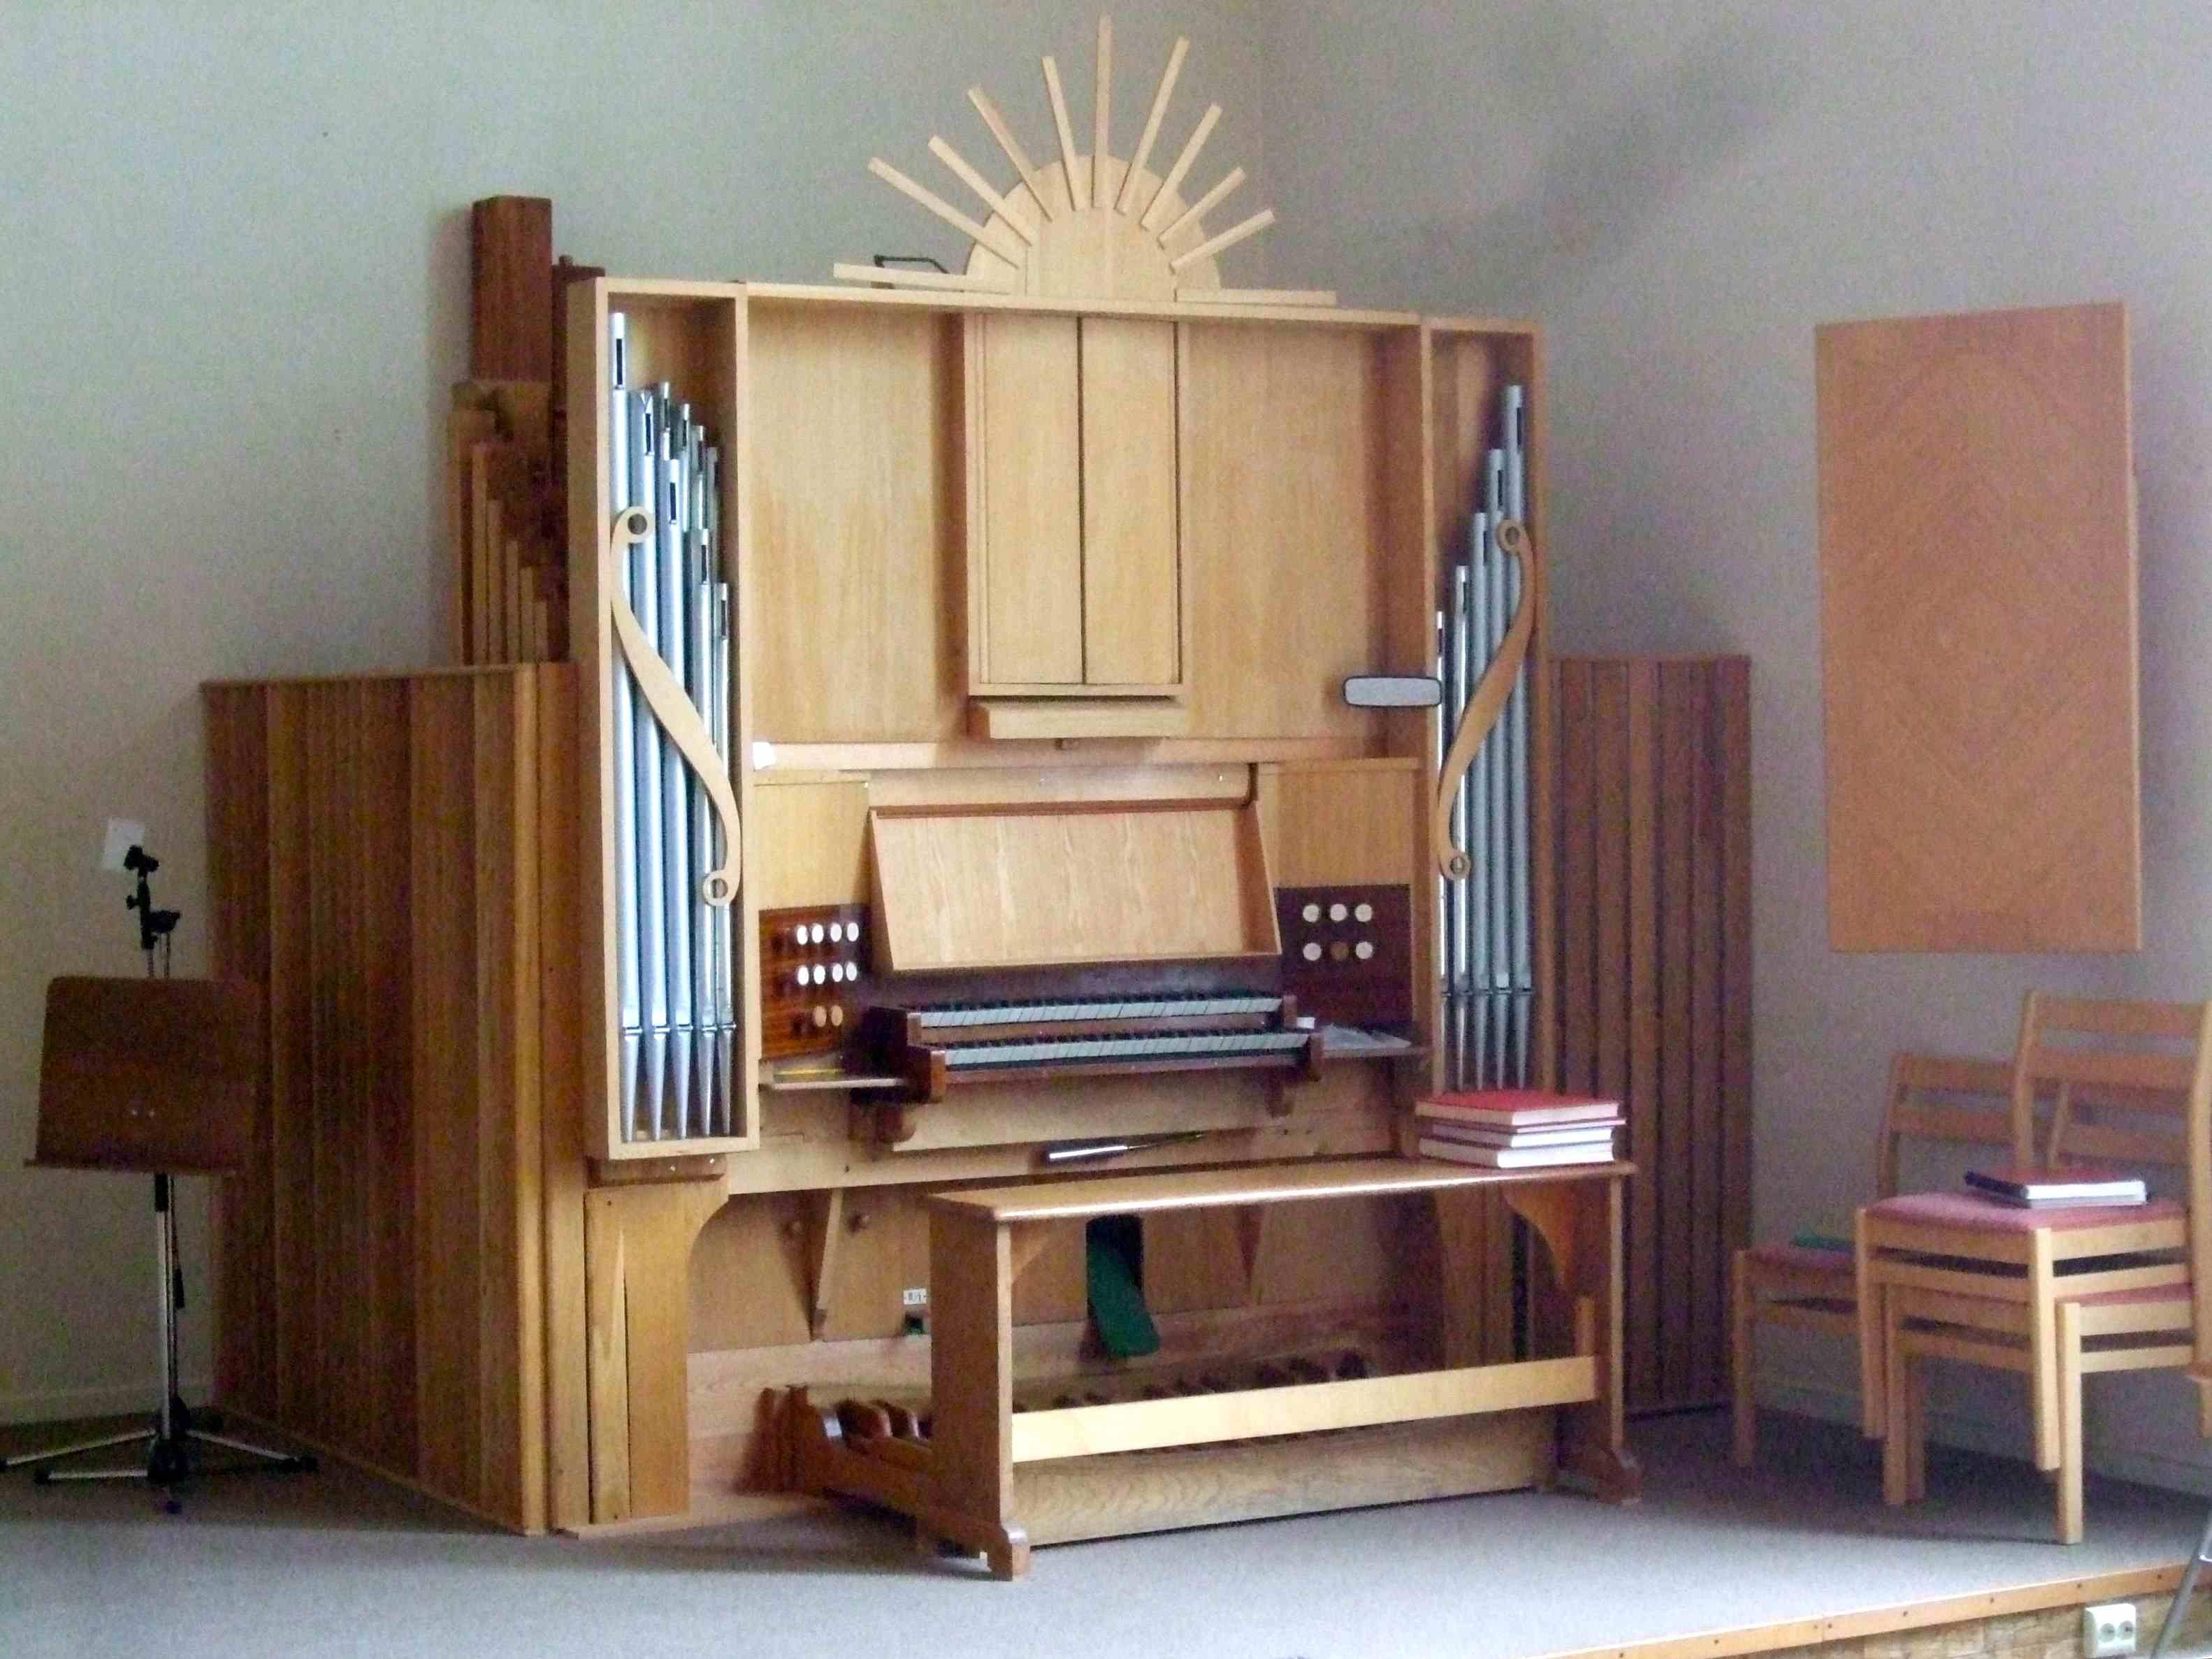 Valbo missionskyrkas orgel ursprungligen bygd av Erik Engberg som var organist i Torsåker. Orgeln stod i hans hem, och överläts 1995 av efterlevande till Missionskyrkan i Valbo. Fasaden senare försedd m bl a \